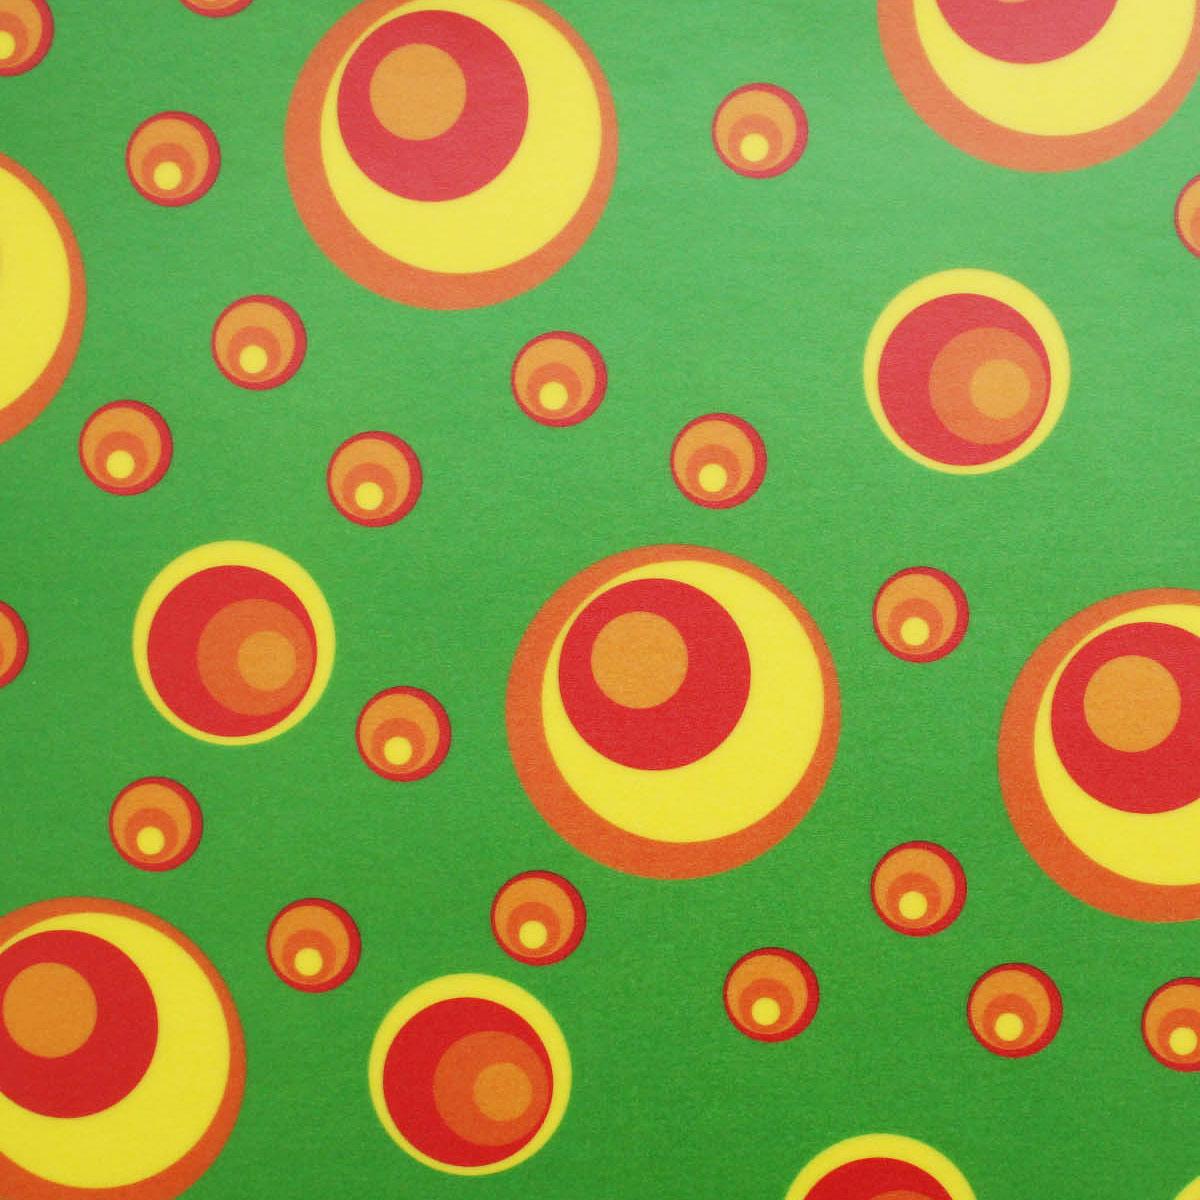 85005 Транспарентная бумага 'Круги', 115 г/м², 50,5*70 см, упак./10 листов, Folia